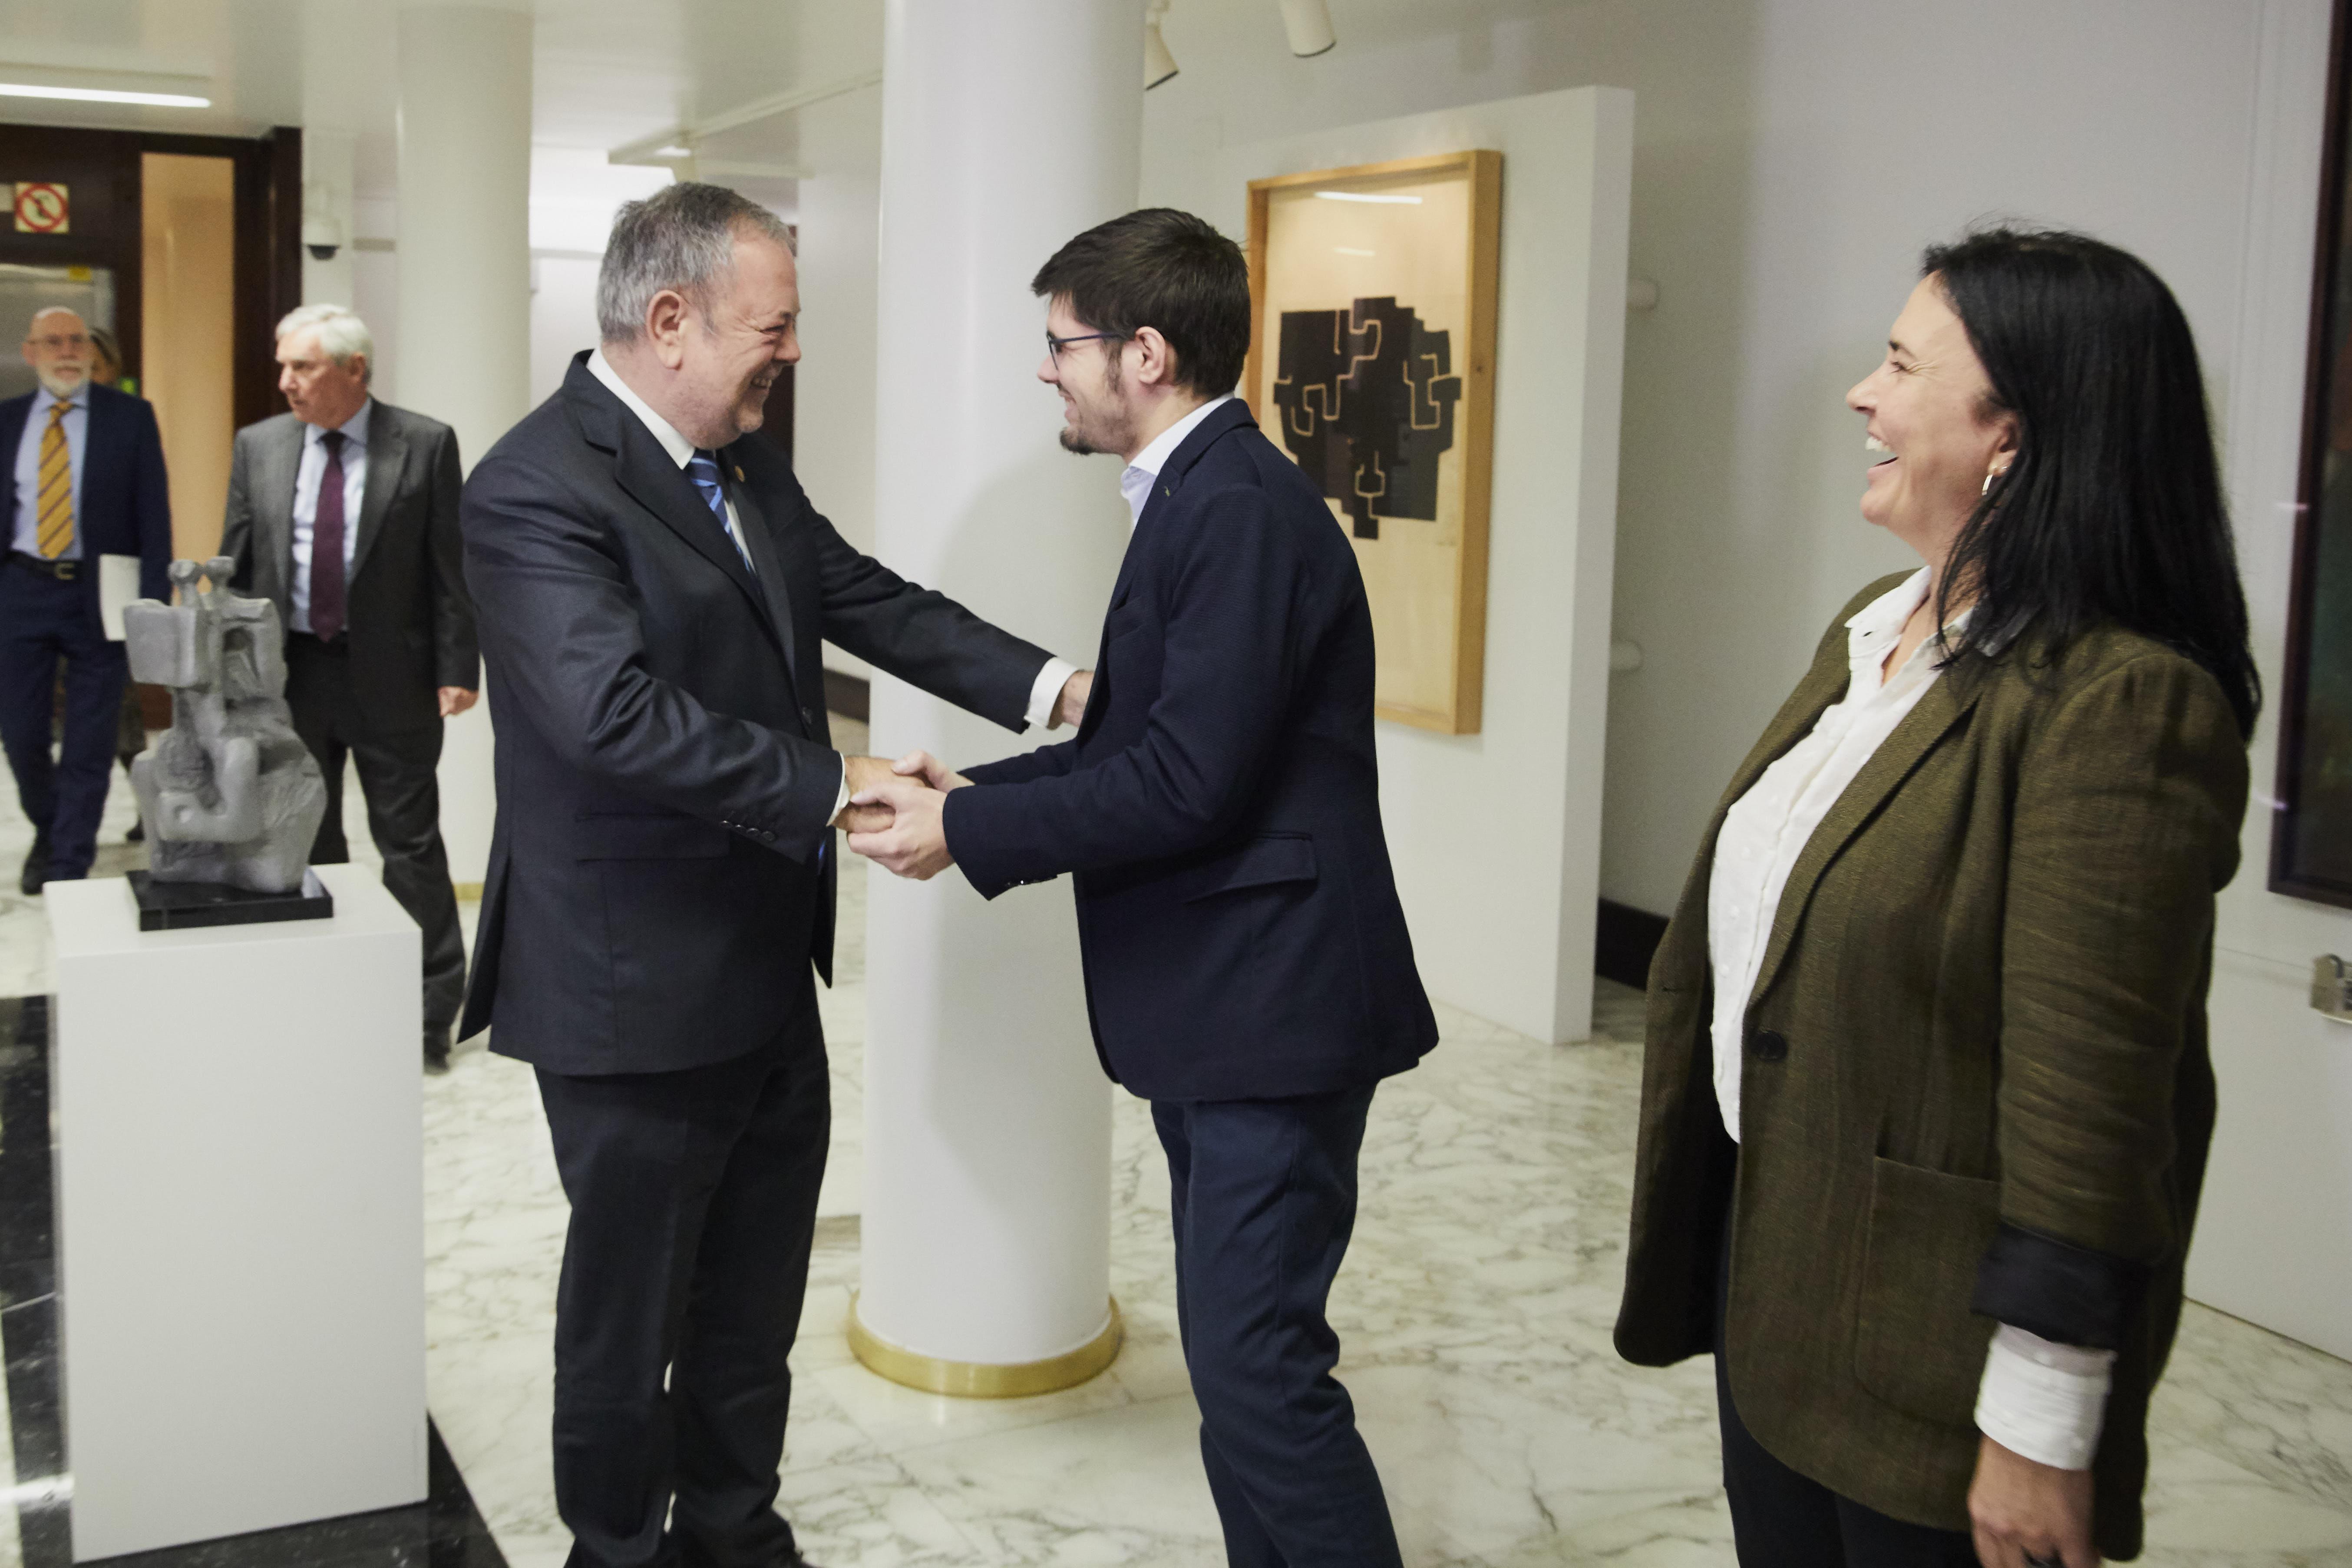 2019.12.13_Acuerdo_Presupuestario_PODEMOS_004.jpg